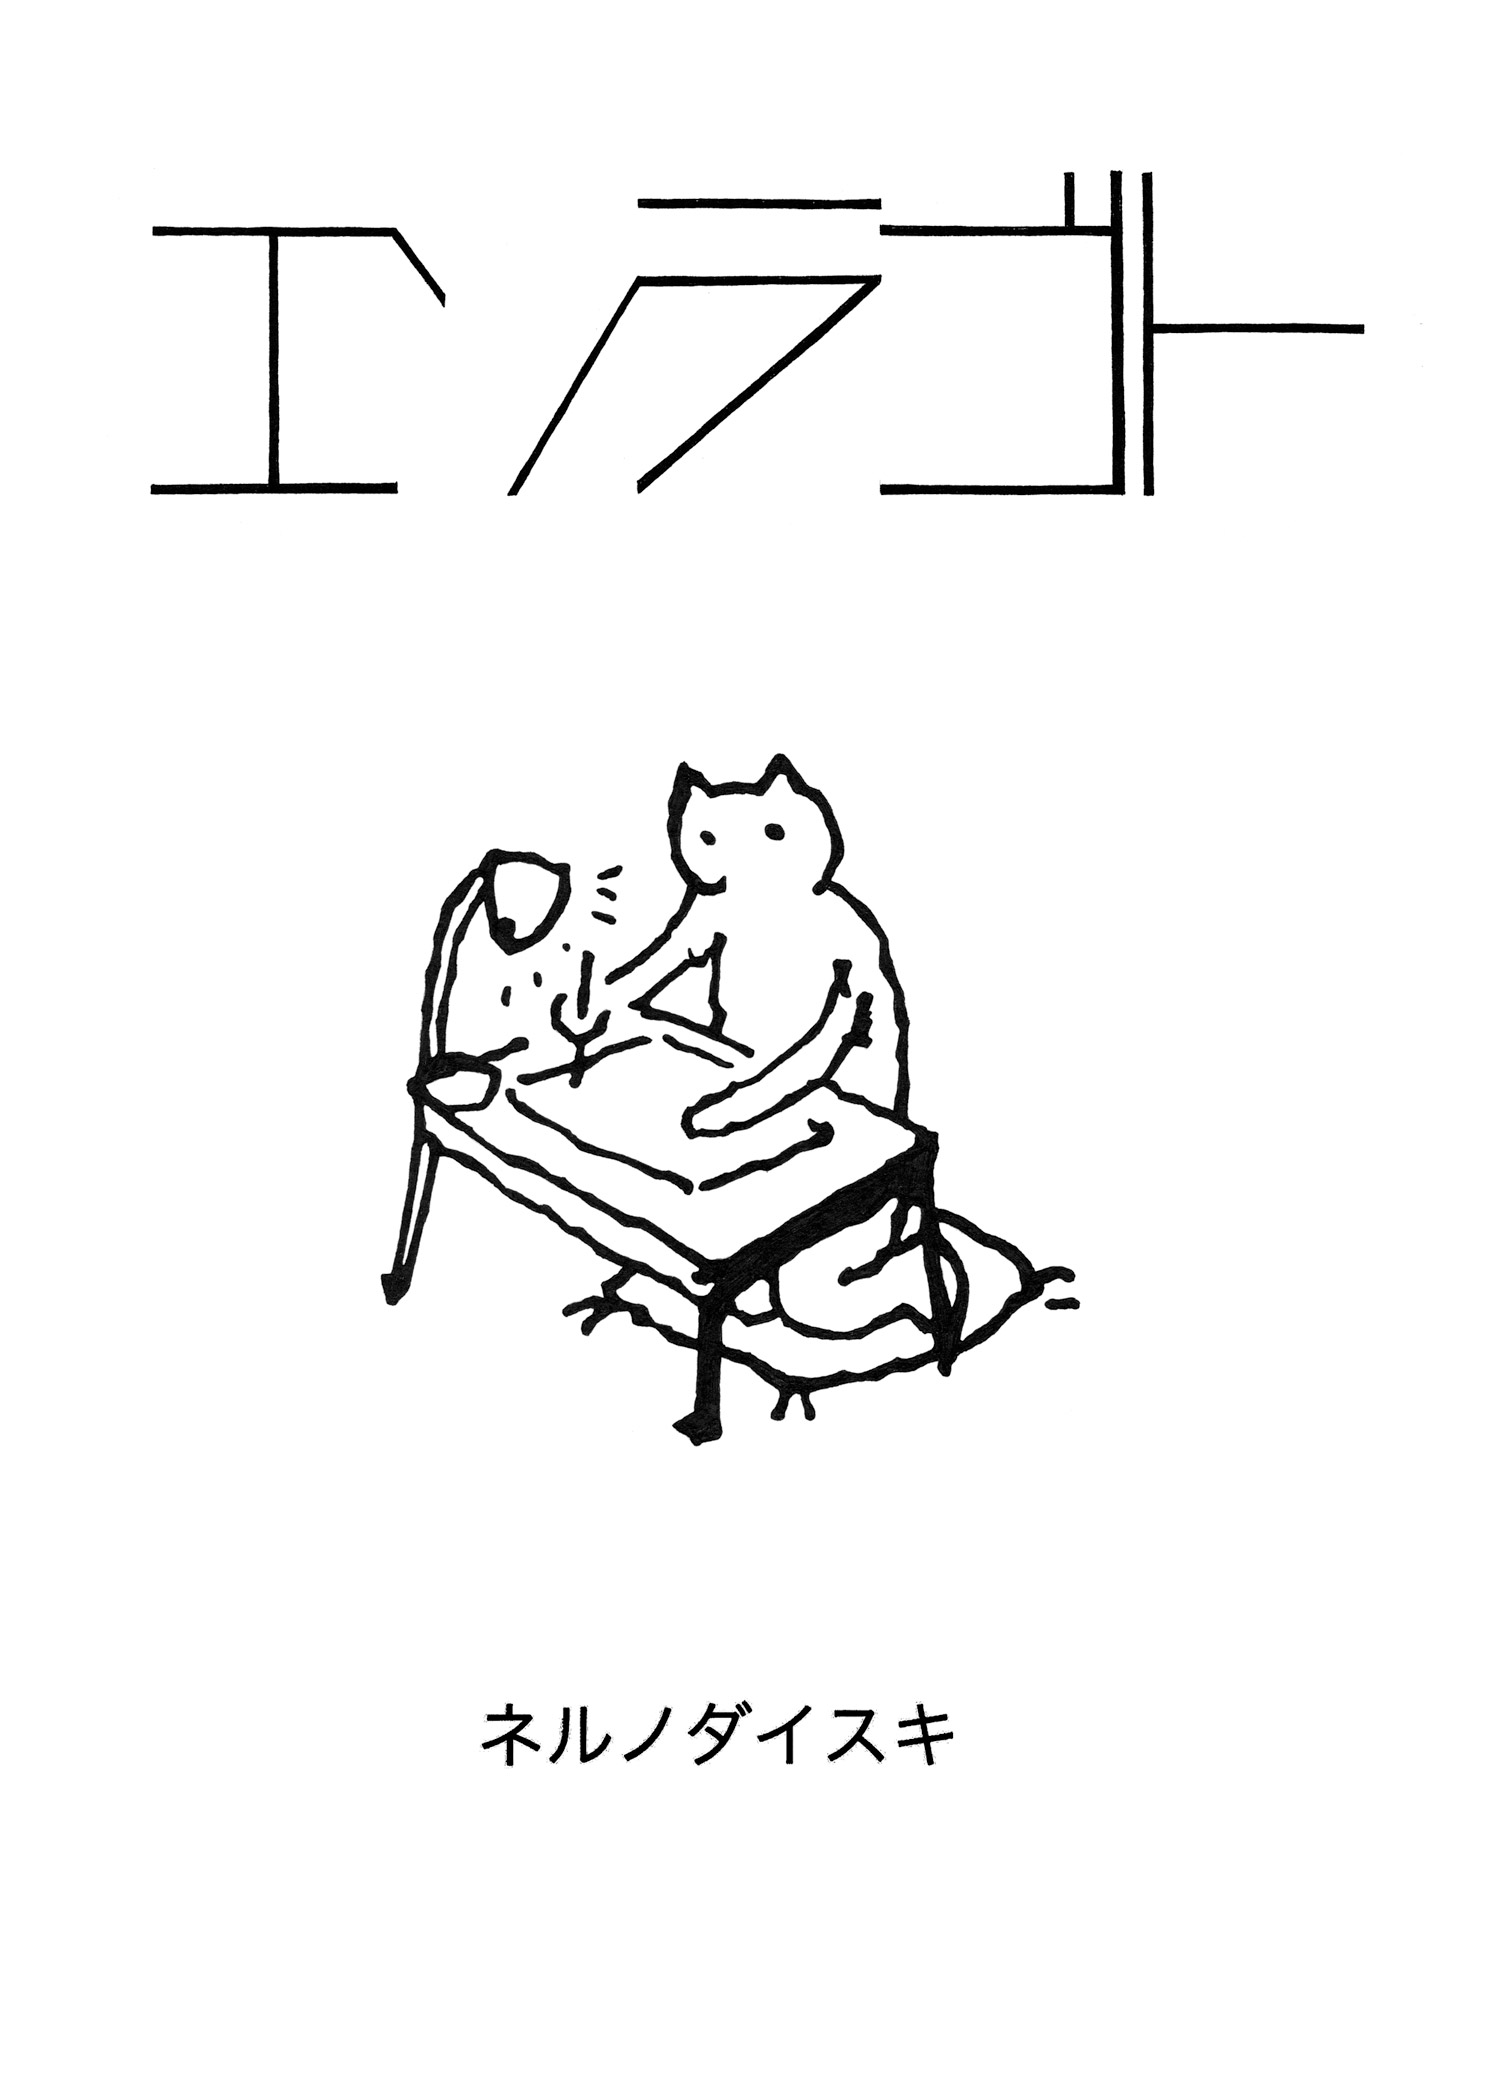 エソラゴト.jpg